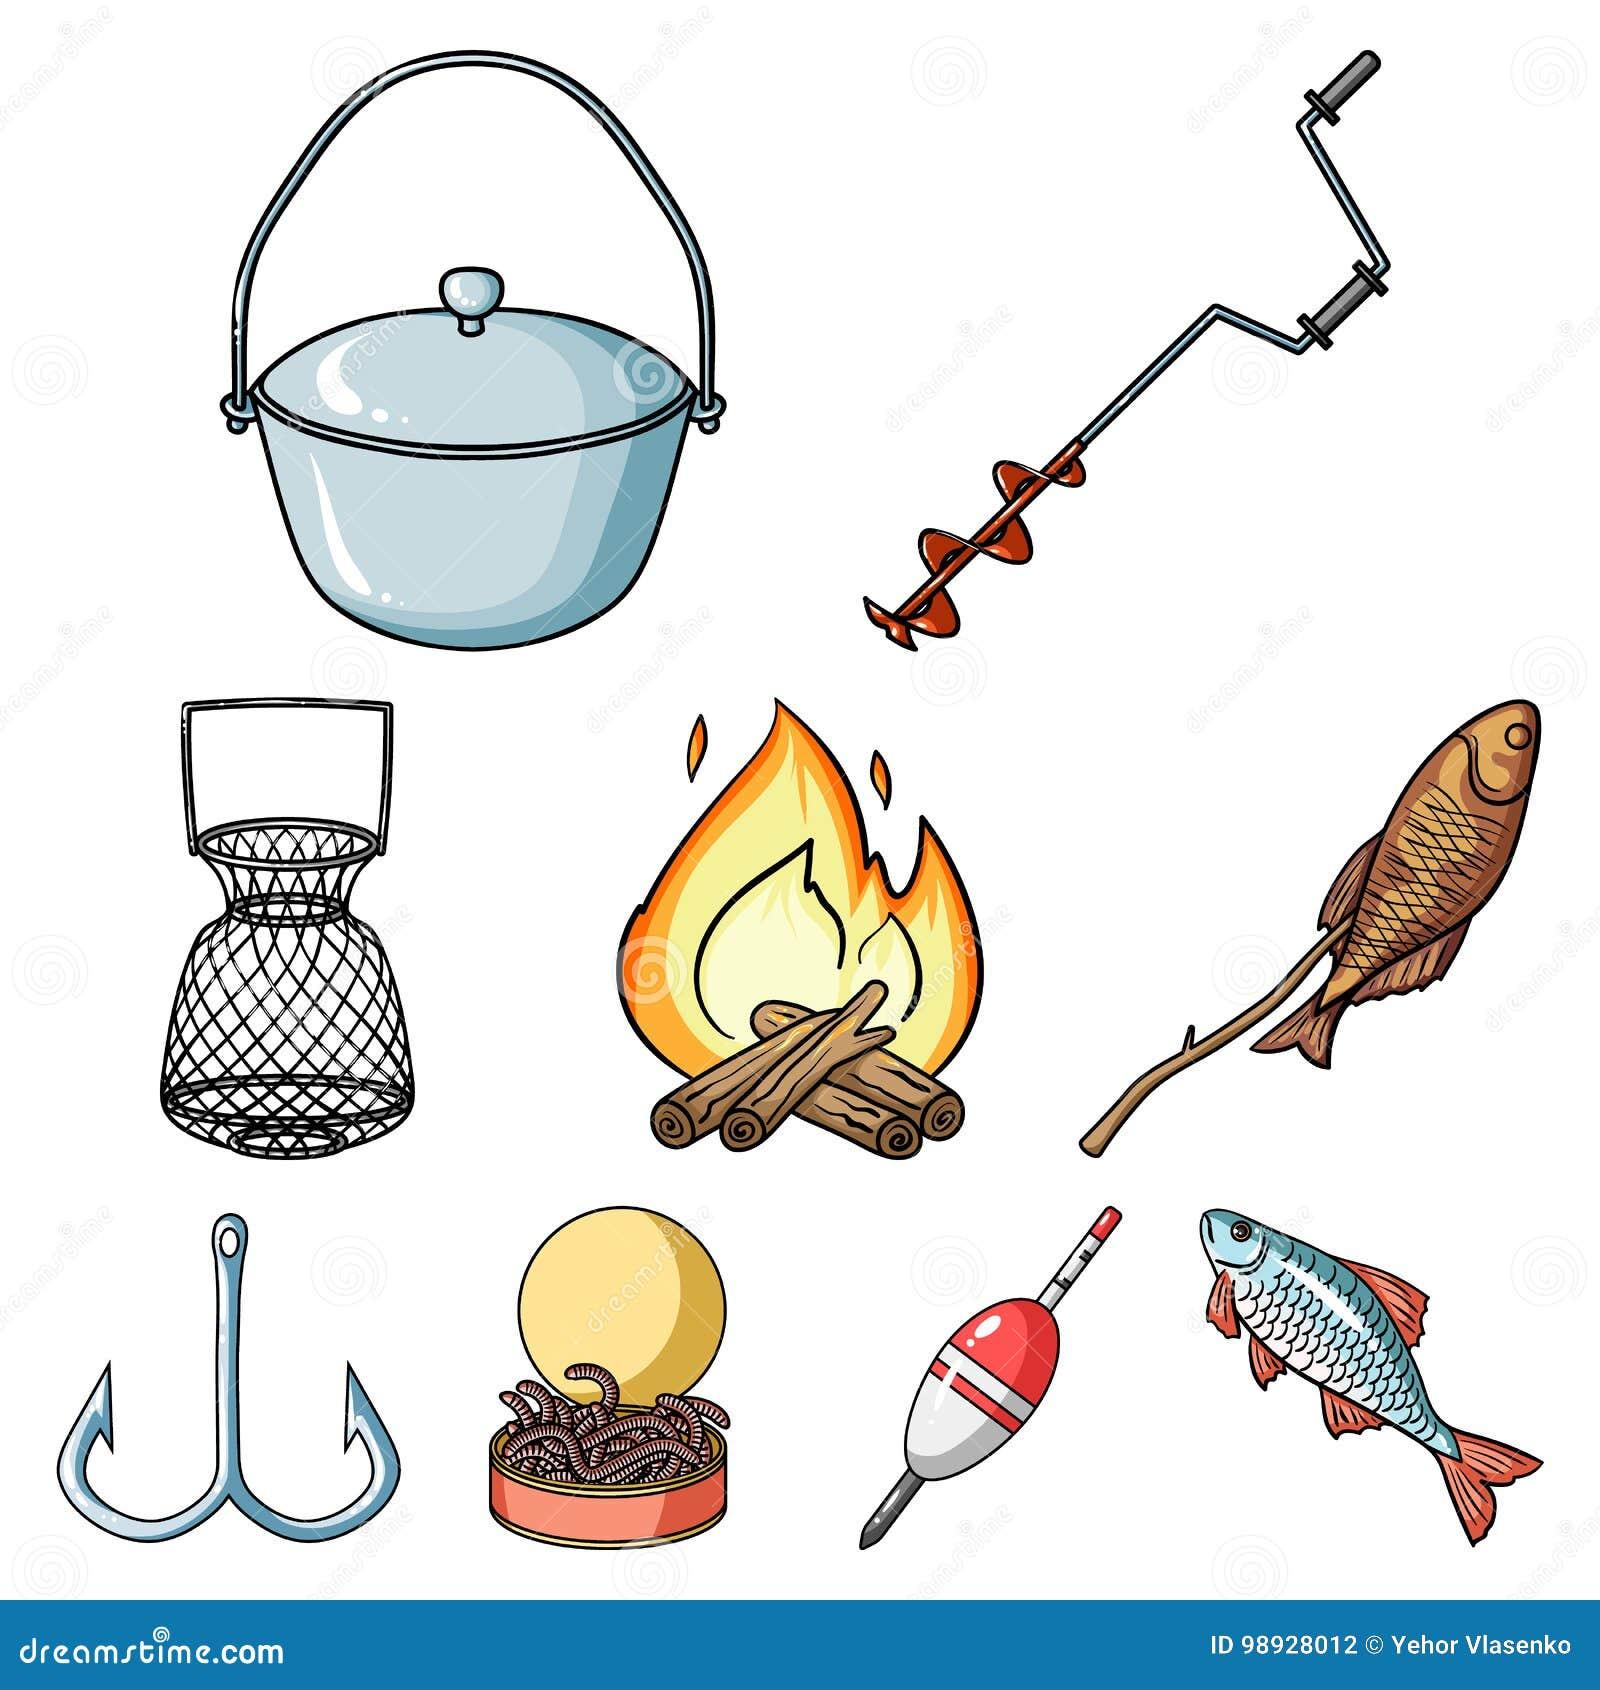 Рыбная ловля лета и зимы, внешнее воссоздание, рыбная ловля, рыба Значок рыбной ловли в собрании комплекта на векторе стиля шаржа